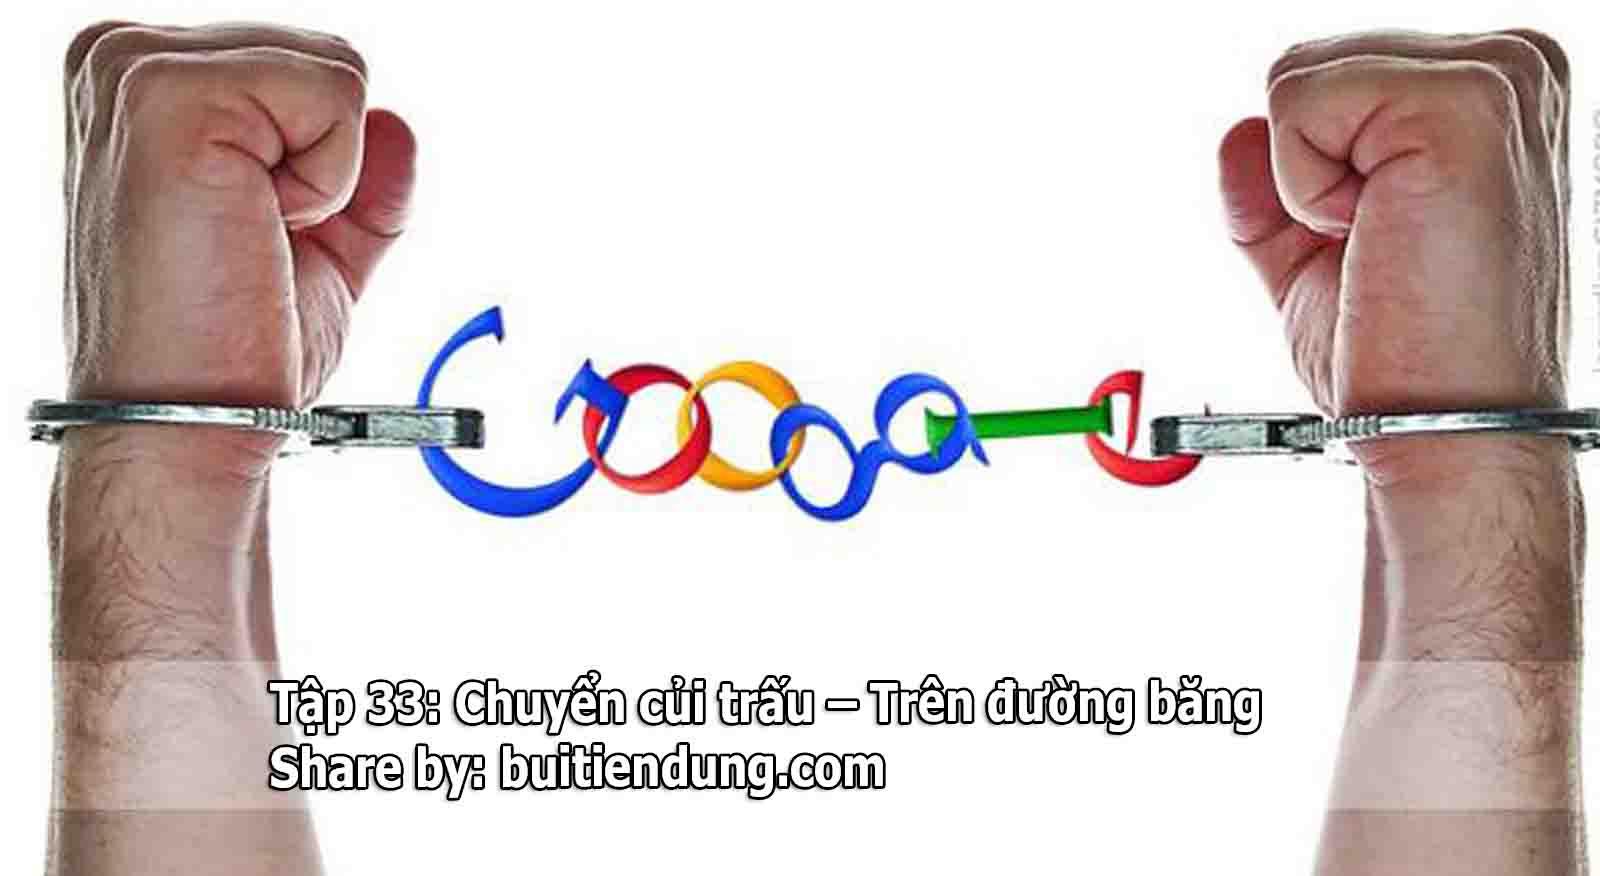 tap-33-chuyen-cui-trau-tren-duong-bang-tony-buoi-sang